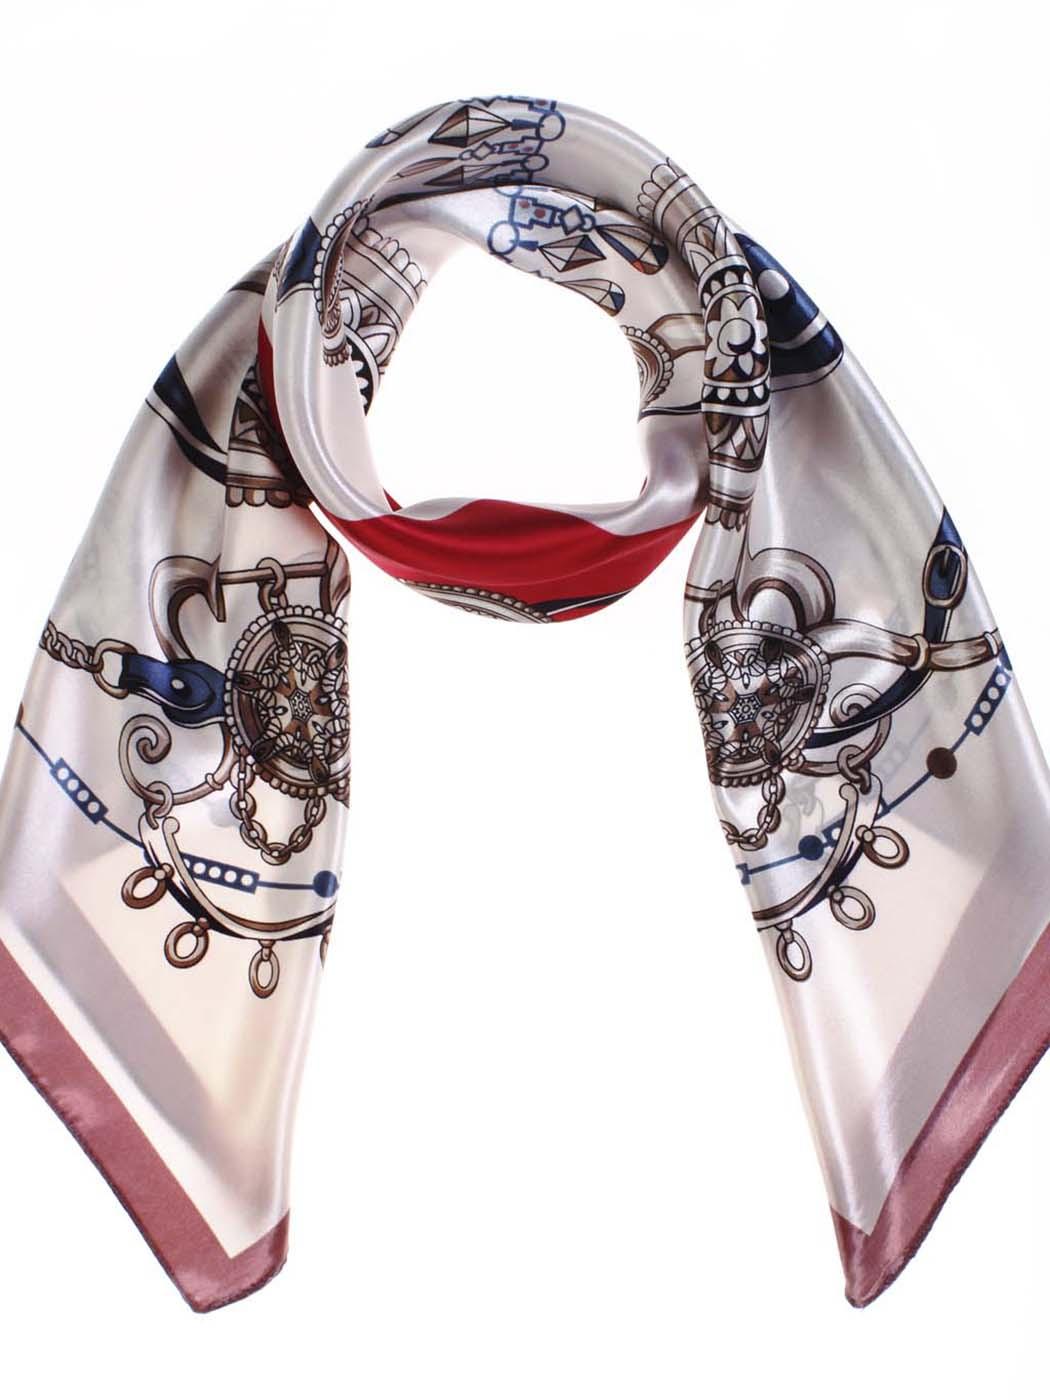 Платок Vita Pelle платок женский модные истории цвет розовый 23 0582 115 размер 90 см x 90 см